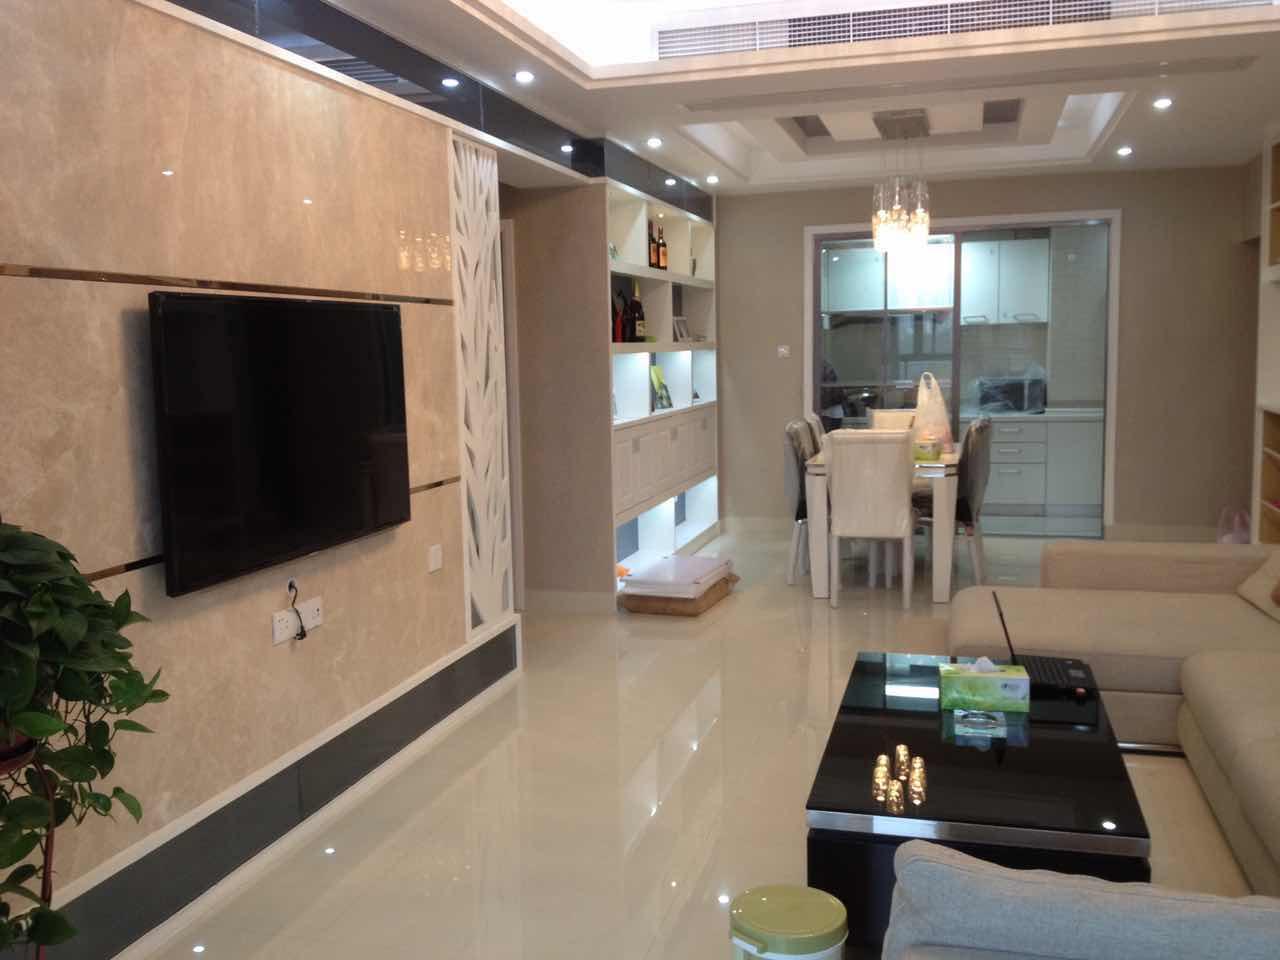 紫荆公寓 高层边套 全新装修未入住 有证可以按揭